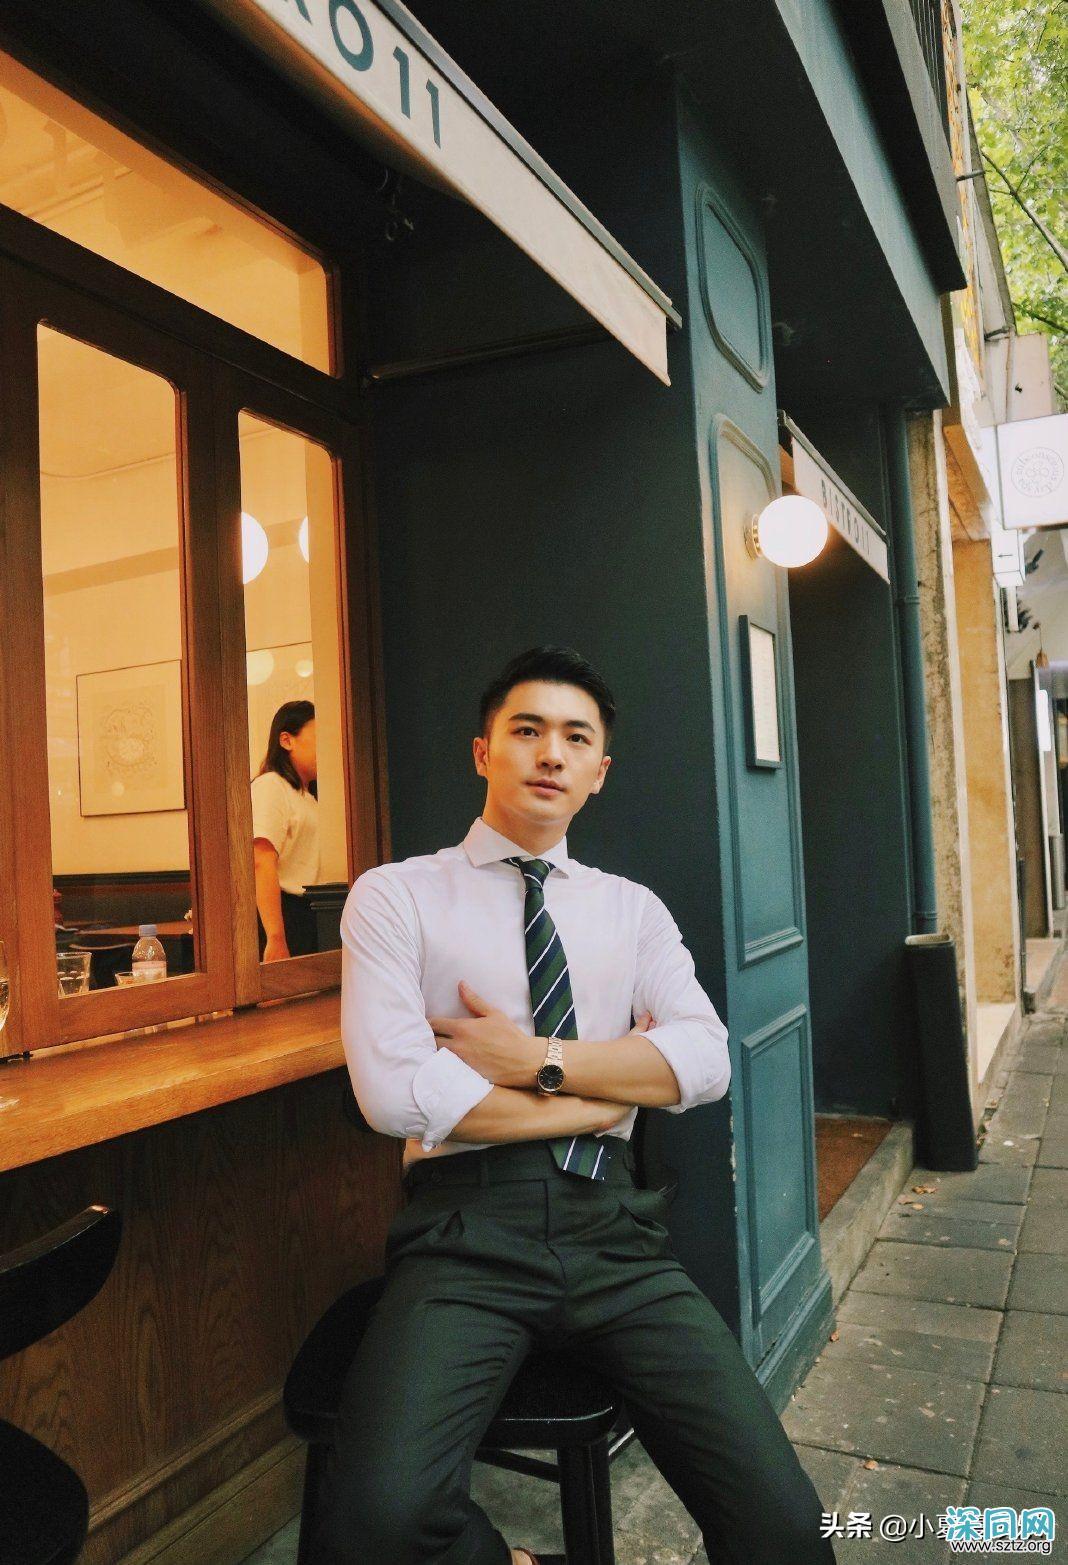 街边偶遇西装小哥哥,太帅了,笑容也十分阳光